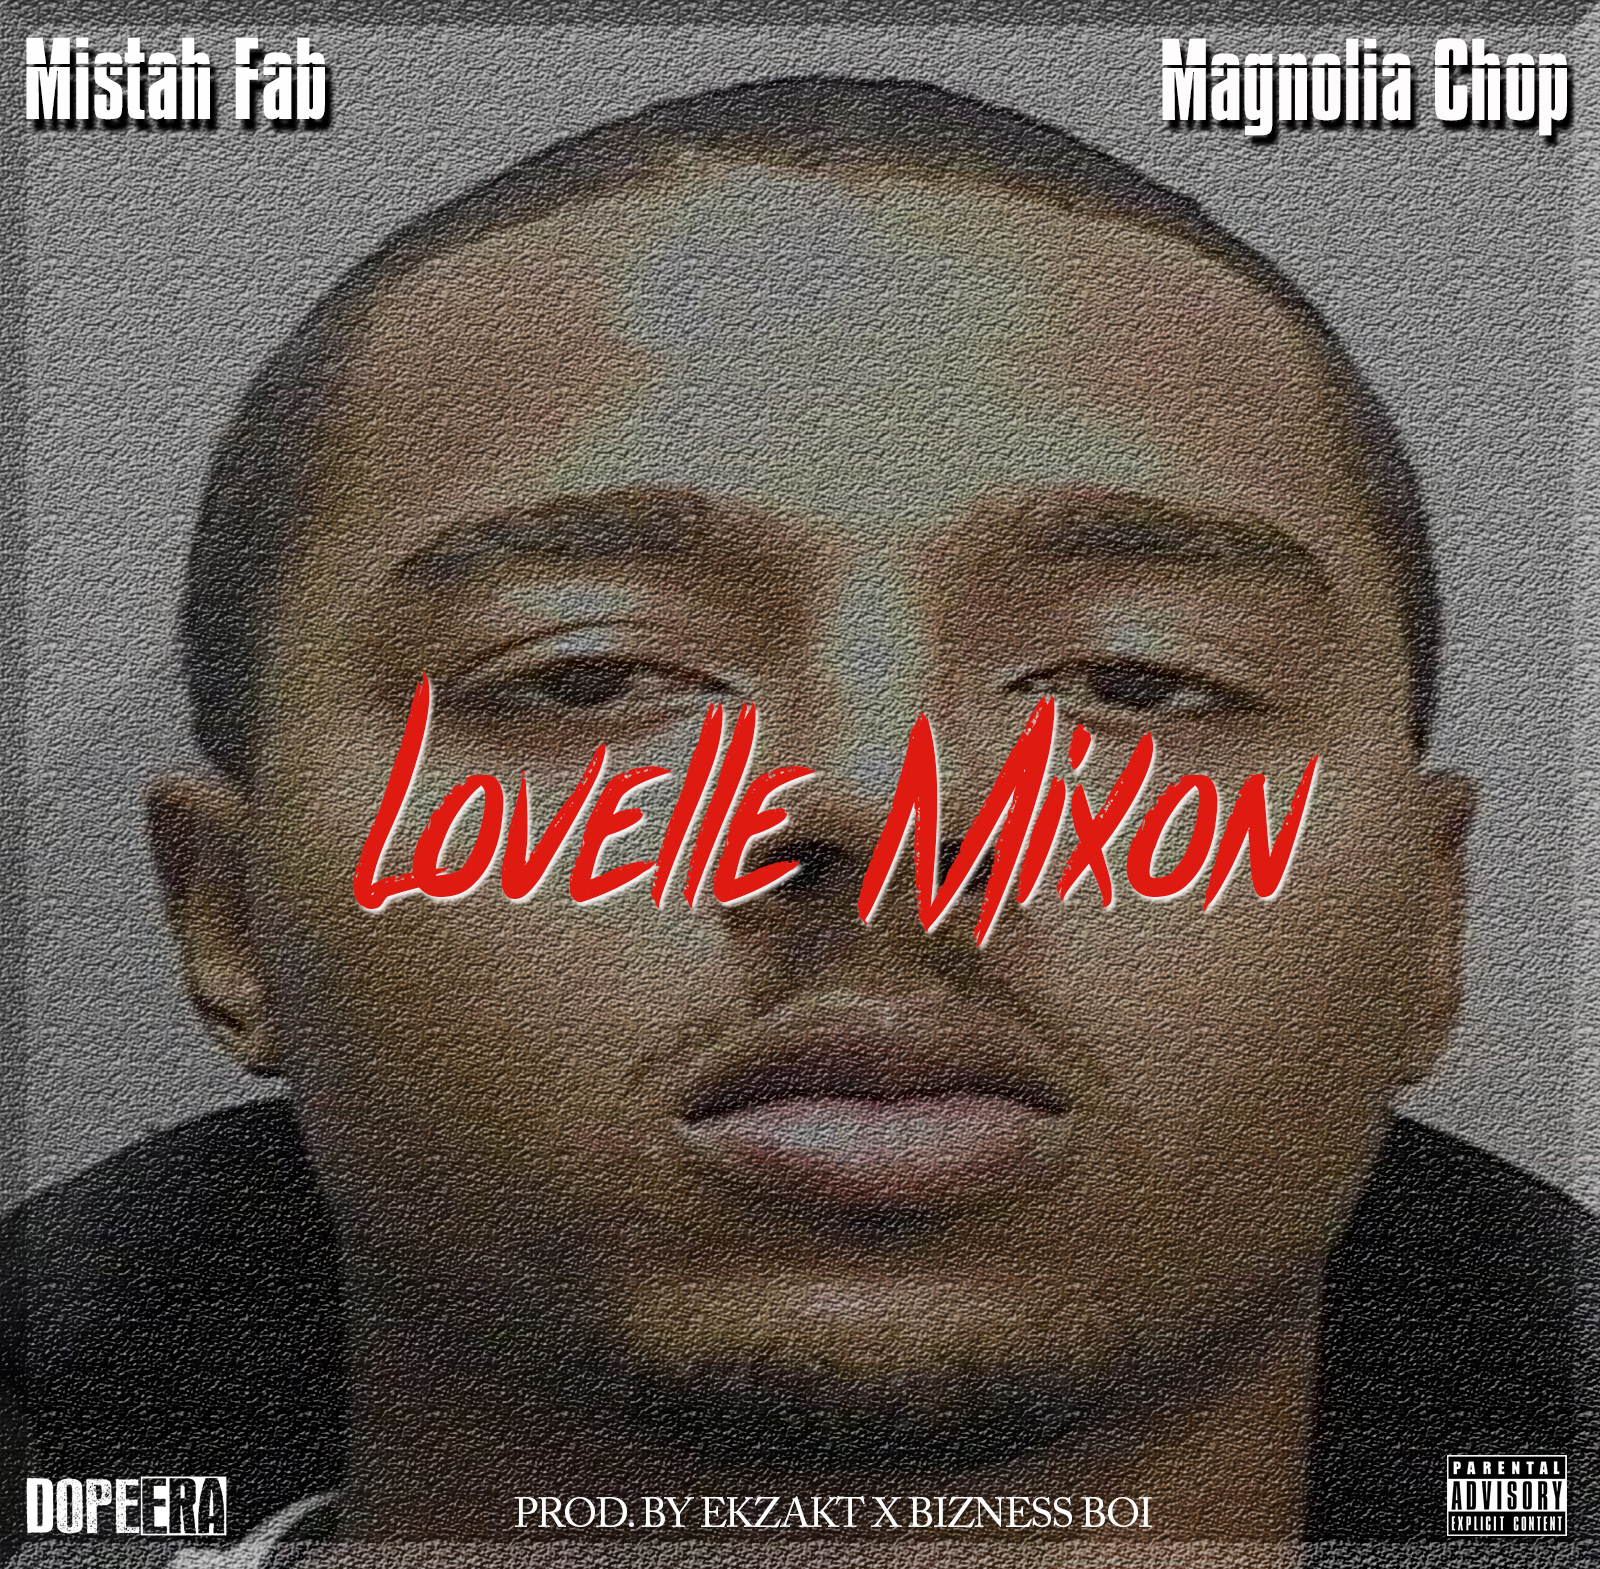 Mistah F.A.B. ft. Magnolia Chop - Lovelle Mixon [Thizzler.com]